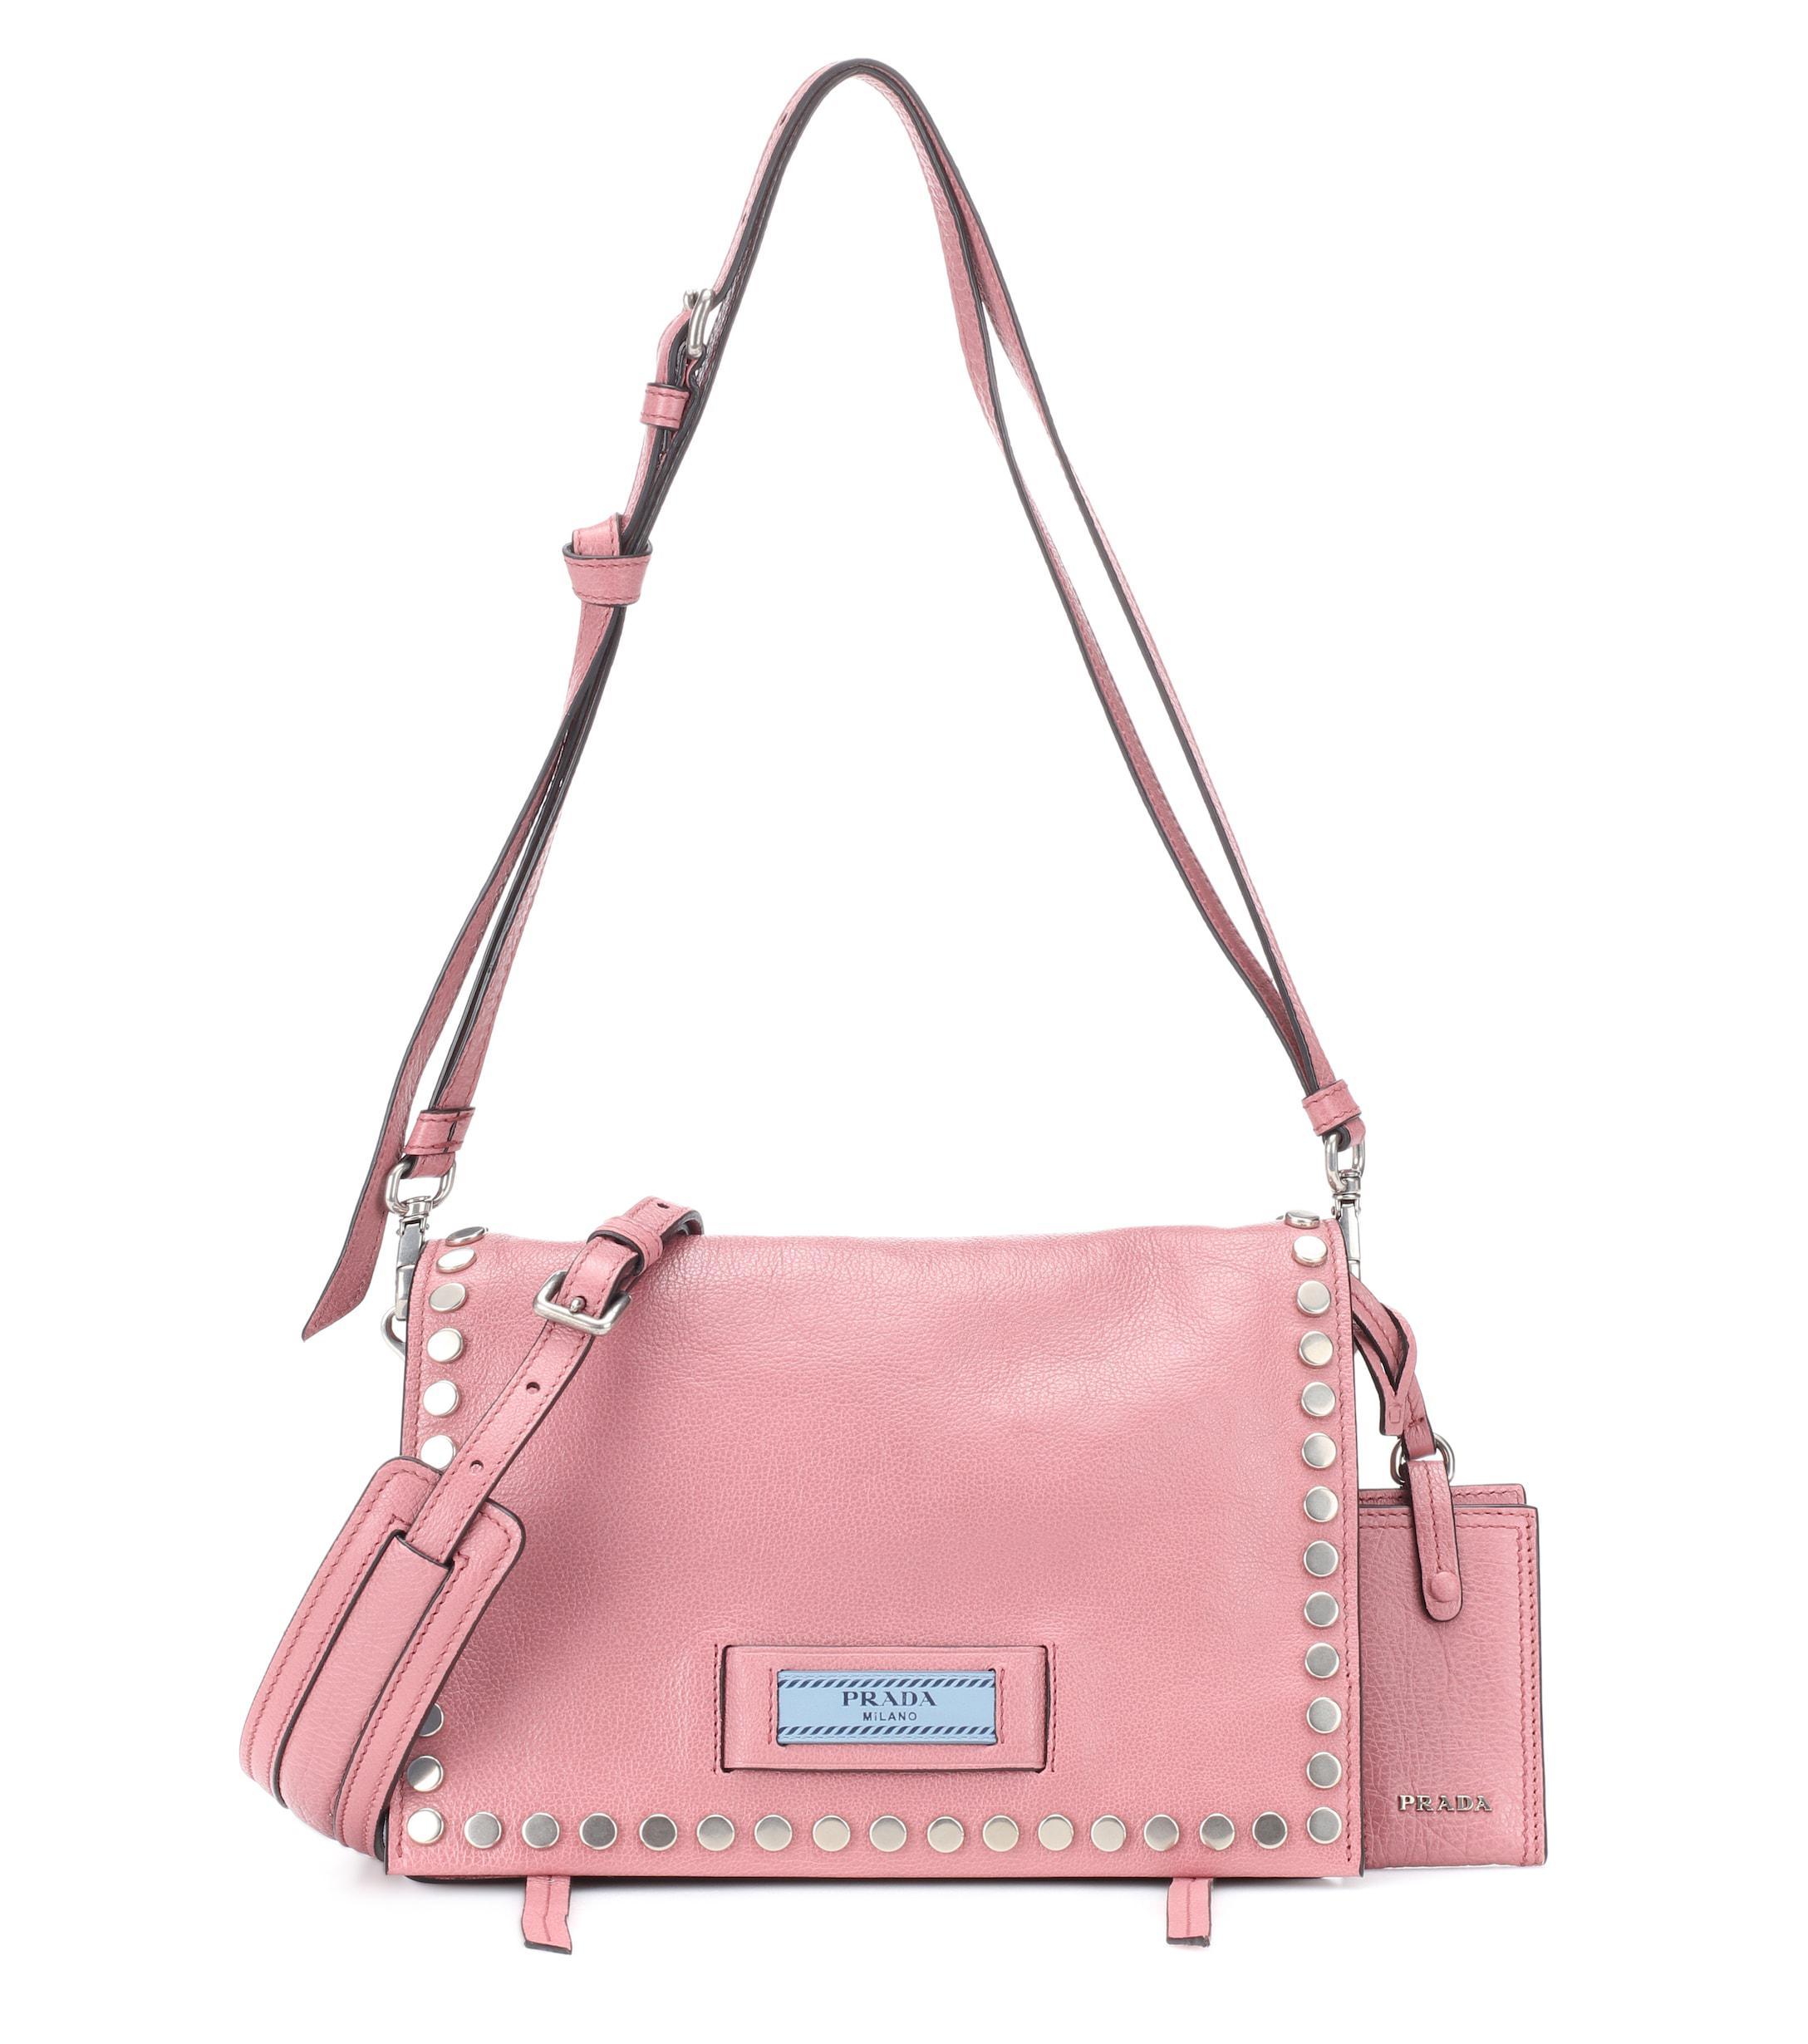 3ef8412d86fe69 Prada. Women's Embellished Leather Shoulder Bag